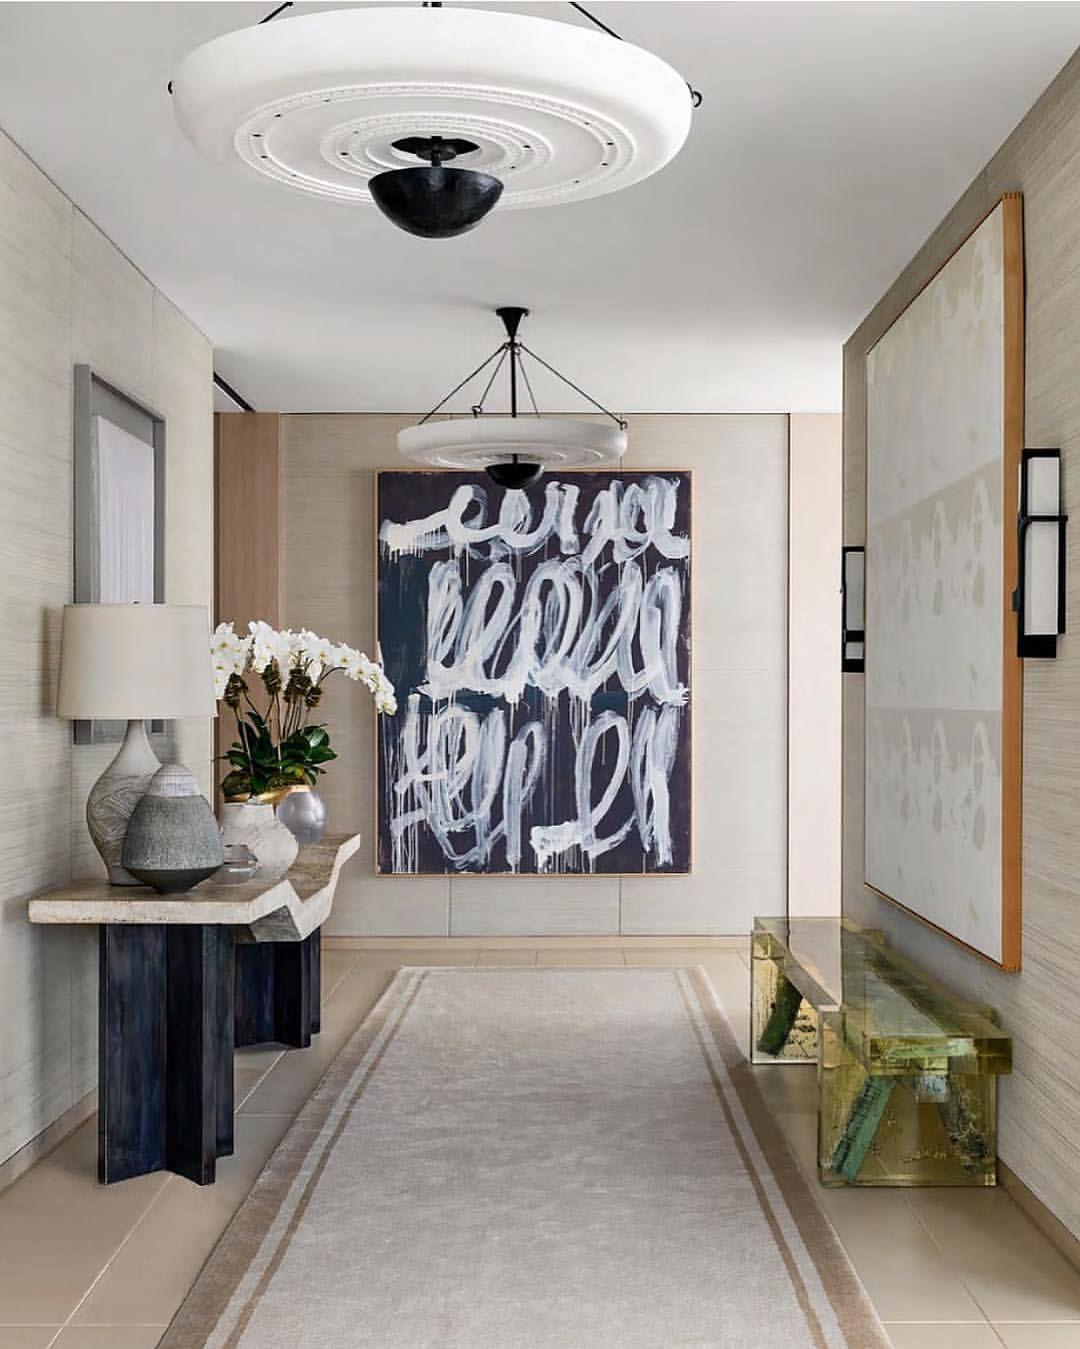 Claes juhlin on instagram: u201cthe hallway in a new york apartment